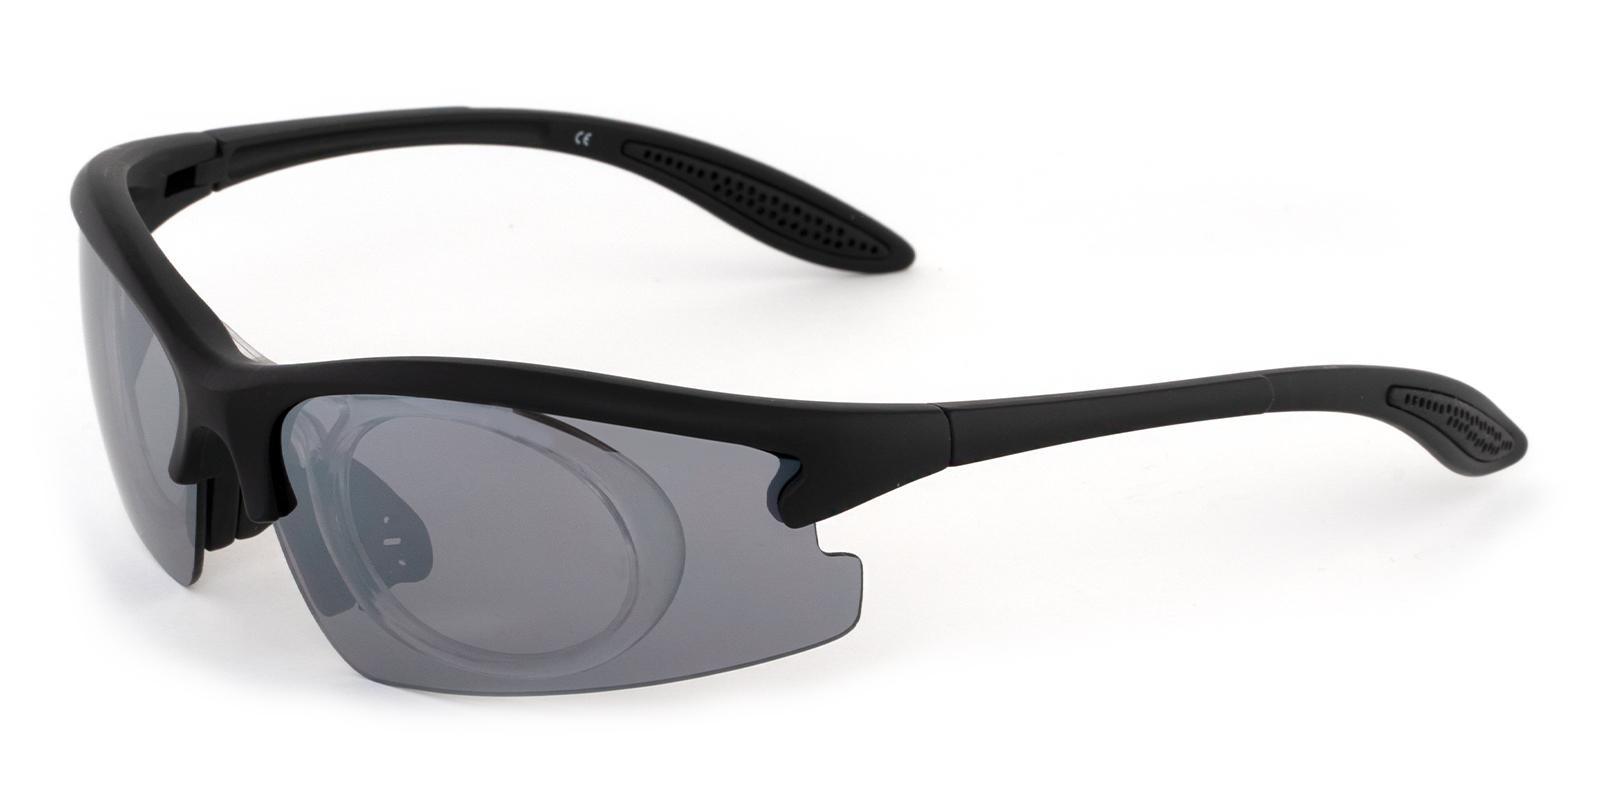 Jonesboro Black Plastic SportsGlasses Frames from ABBE Glasses